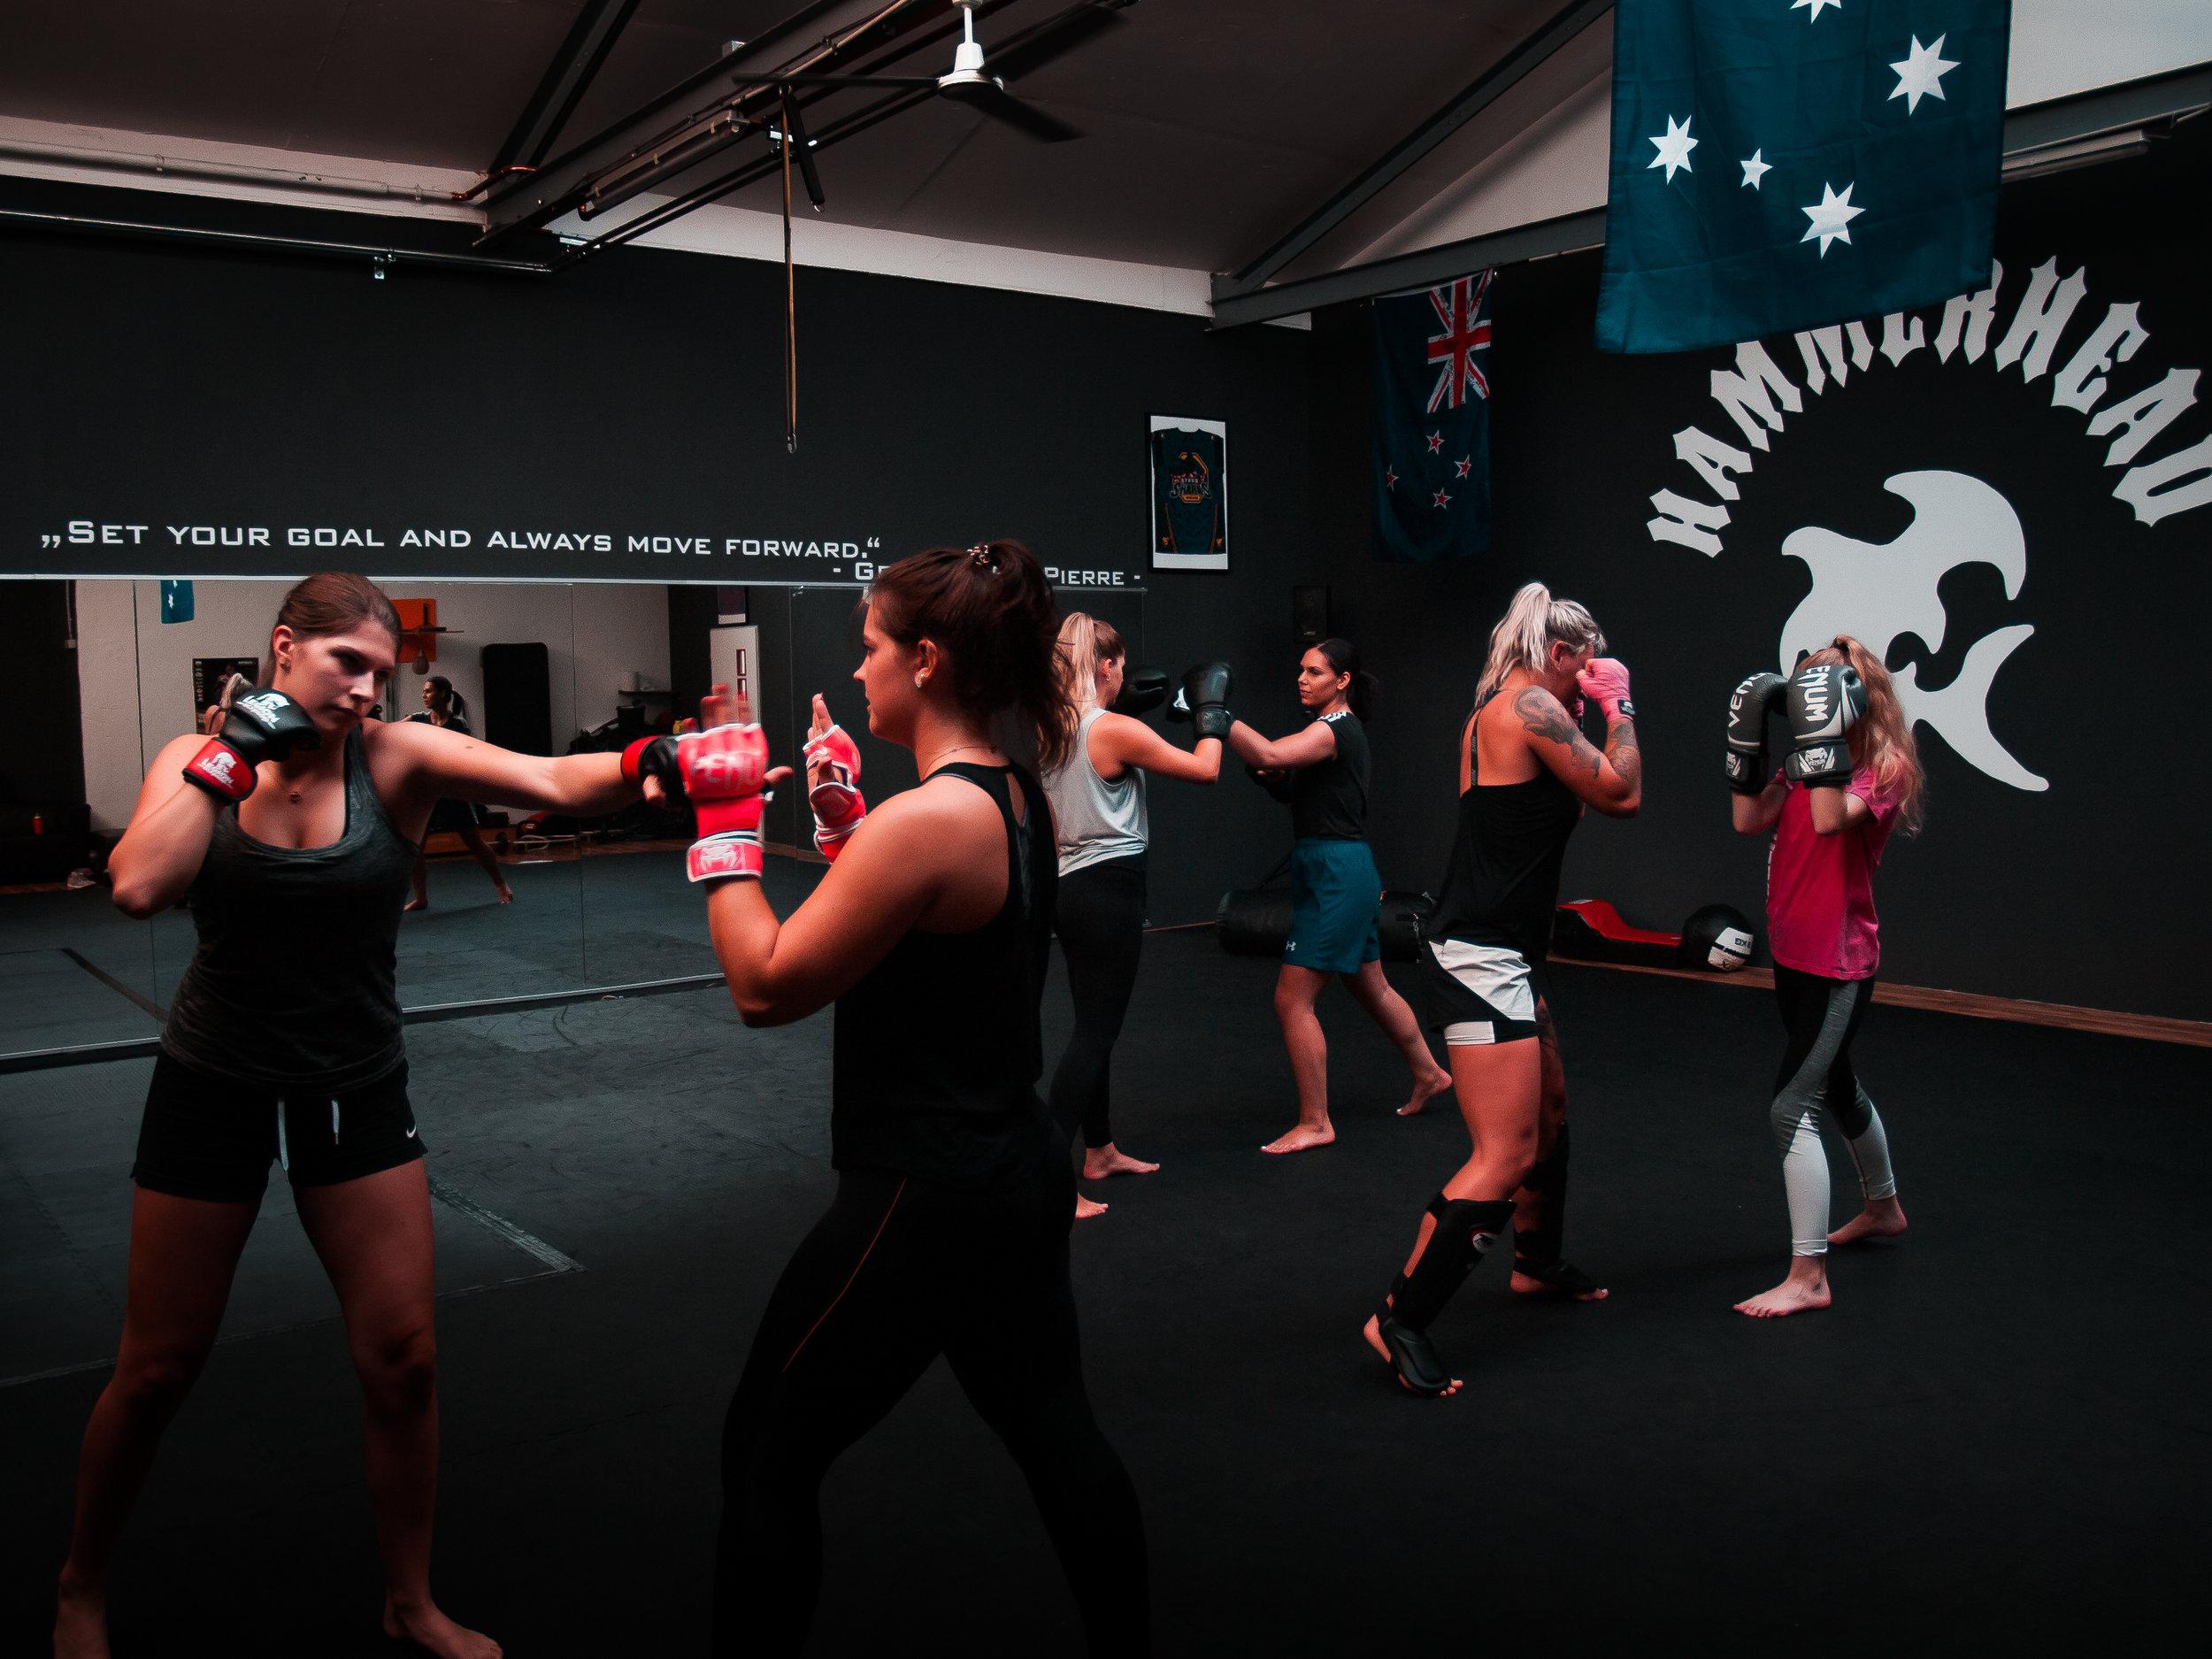 Womens class - Die Trainingsstunde beinhaltet Kickboxing/ Andyconda Luta Livre, sowie functional Training.Ein tolles forderndes Trainingsangebot für unsere Frauen!